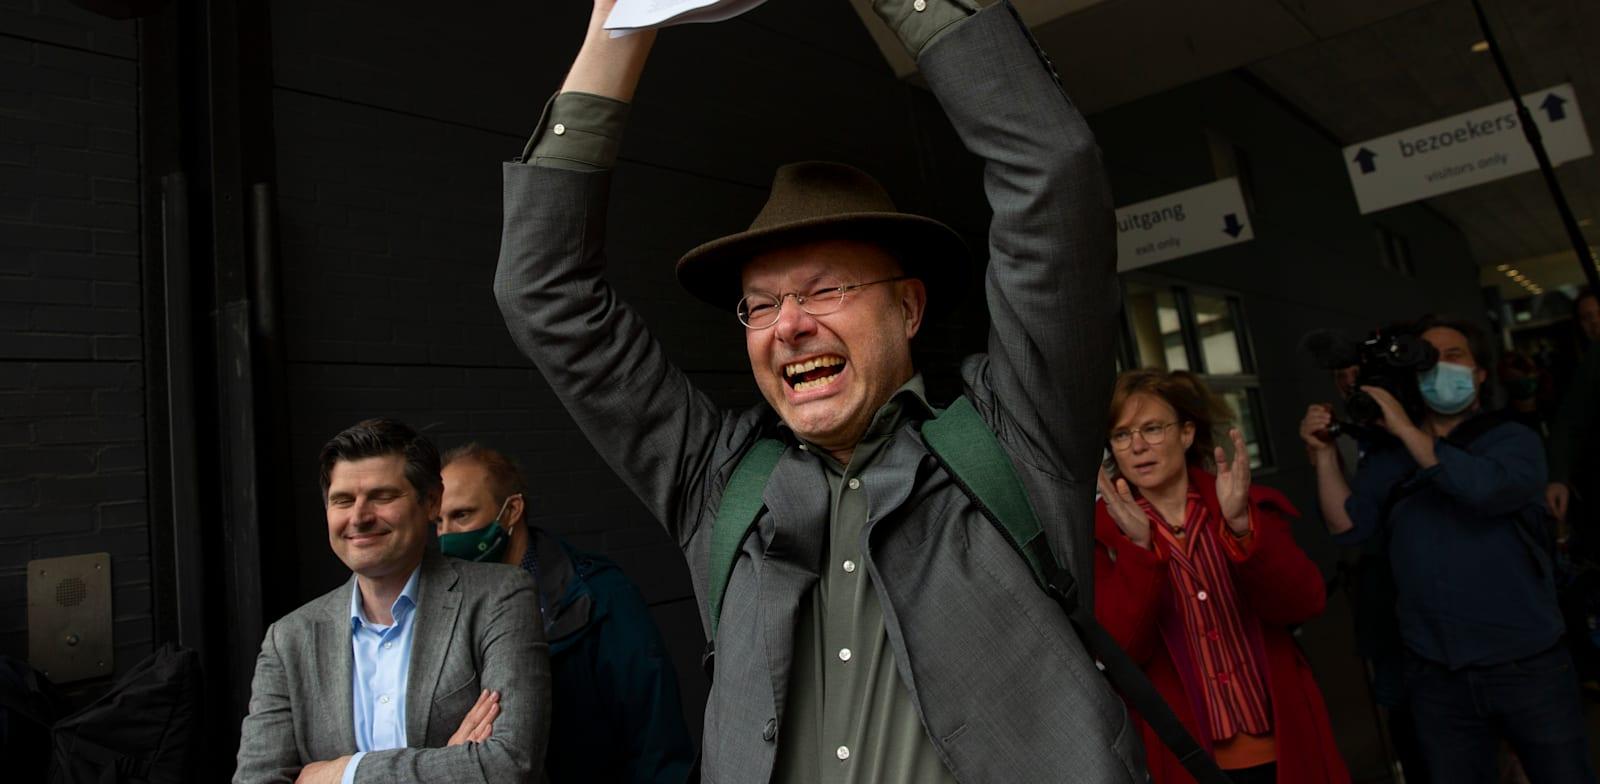 """העותרים לבית המשפט בהולנד נגד חברת """"של"""" חוגגים לאחר שבית המשפט הכריע לטובתם"""